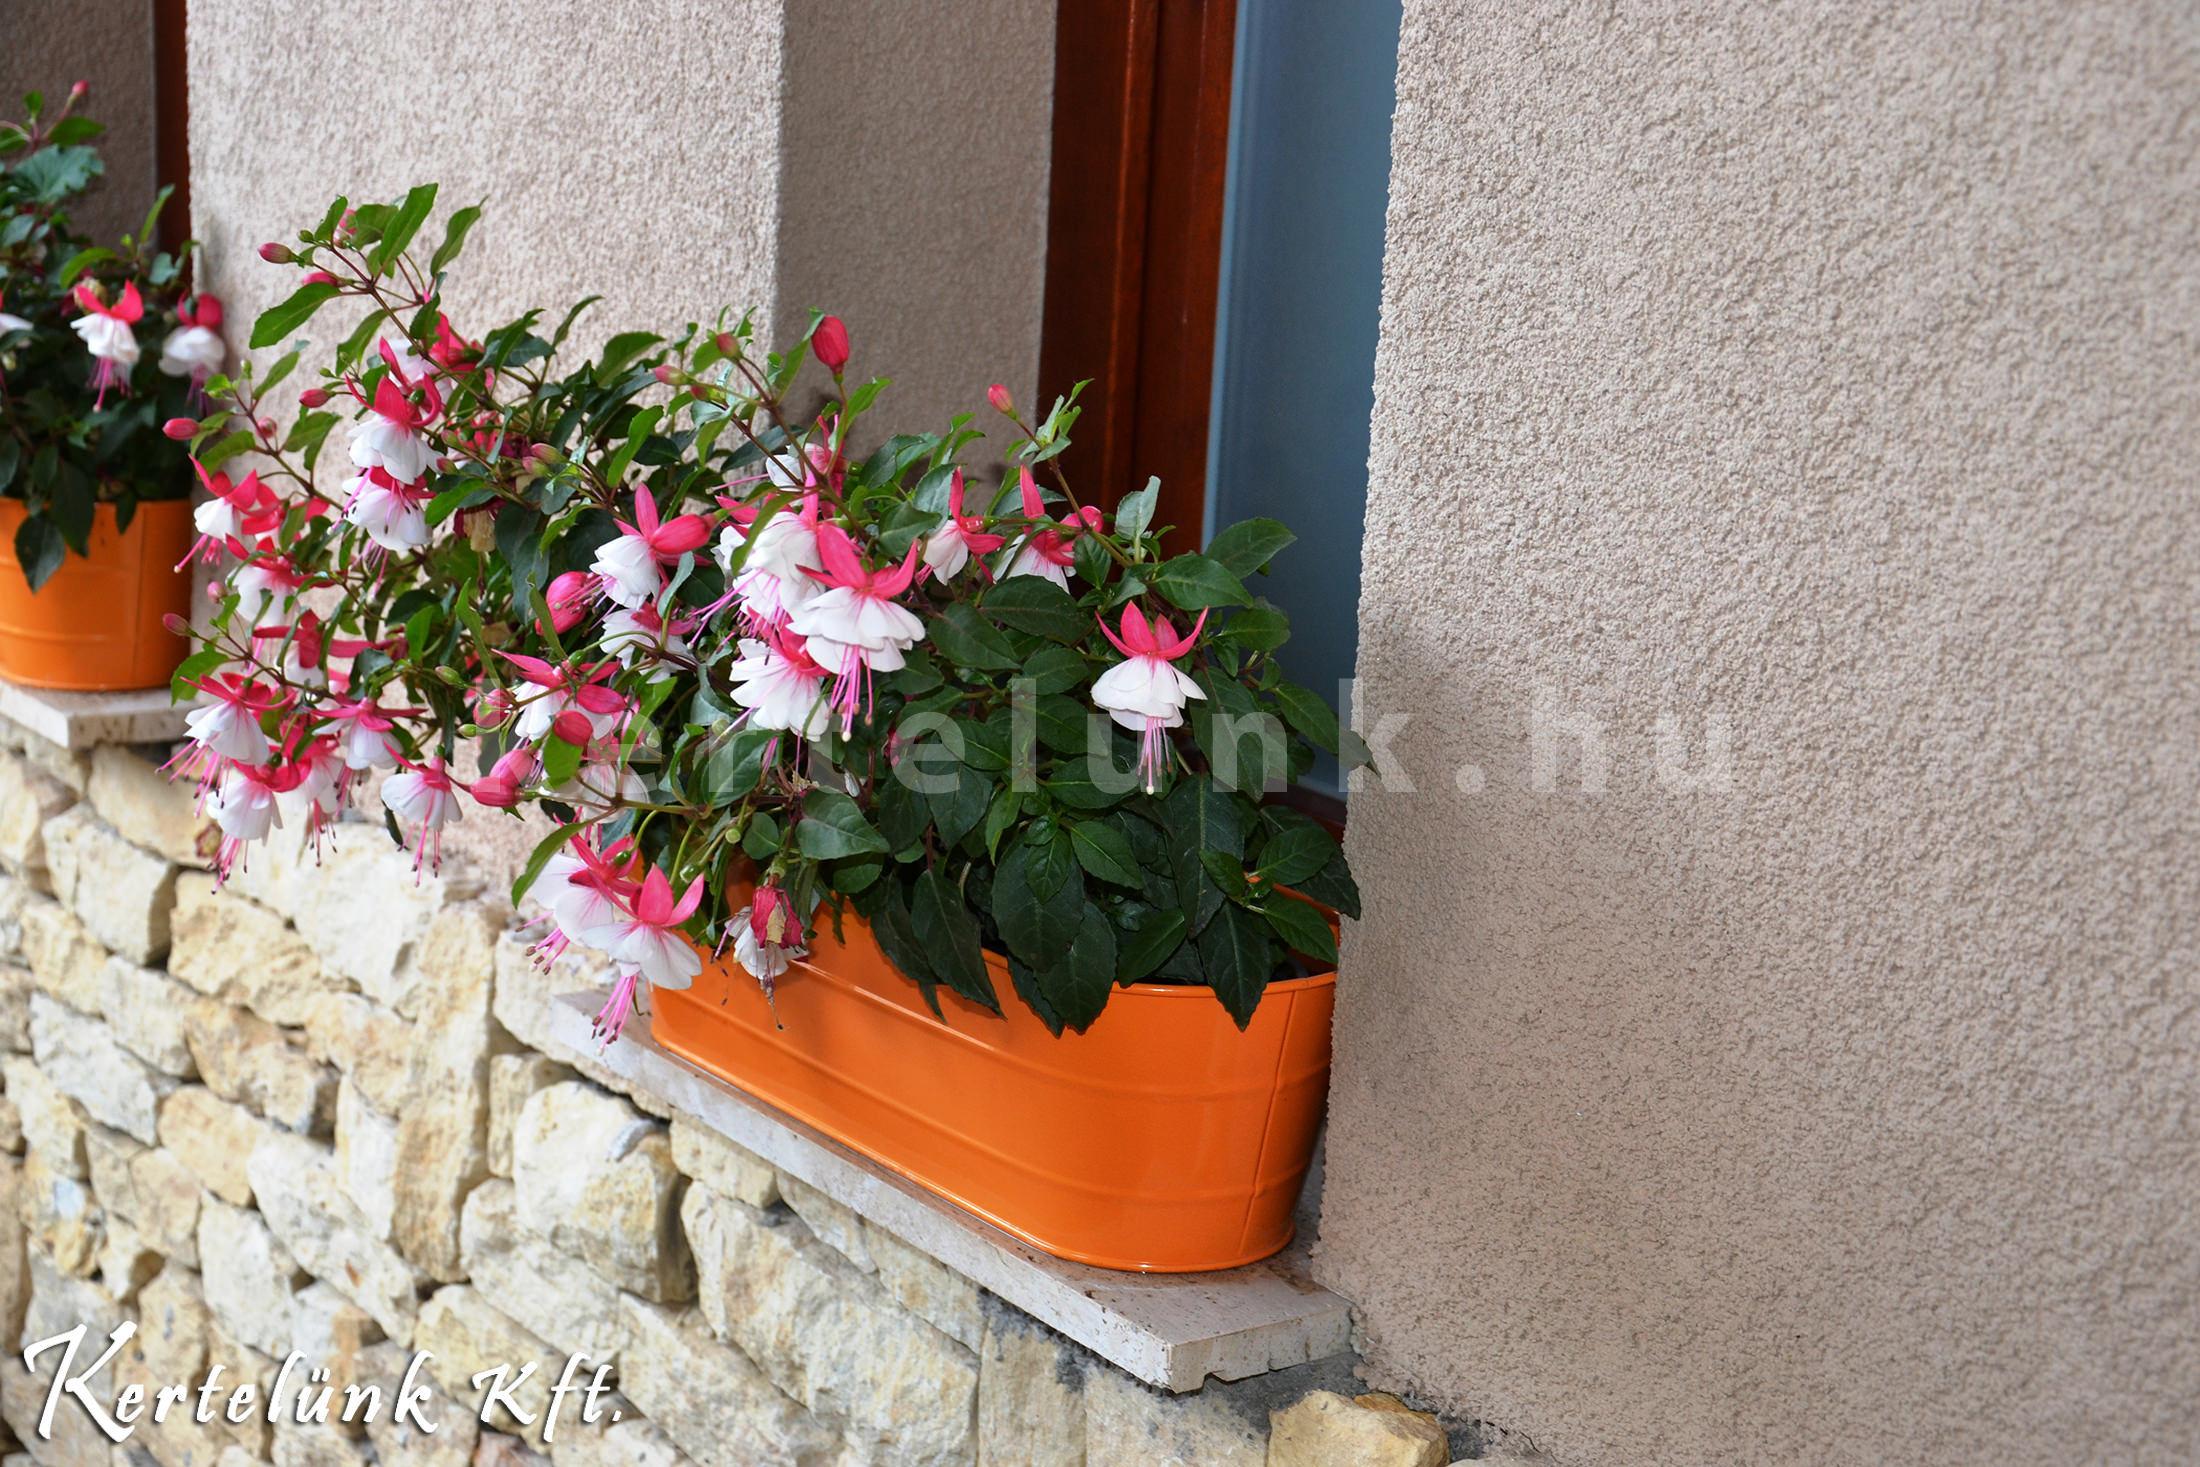 Színes virágok teszik meghitté a környezetet.